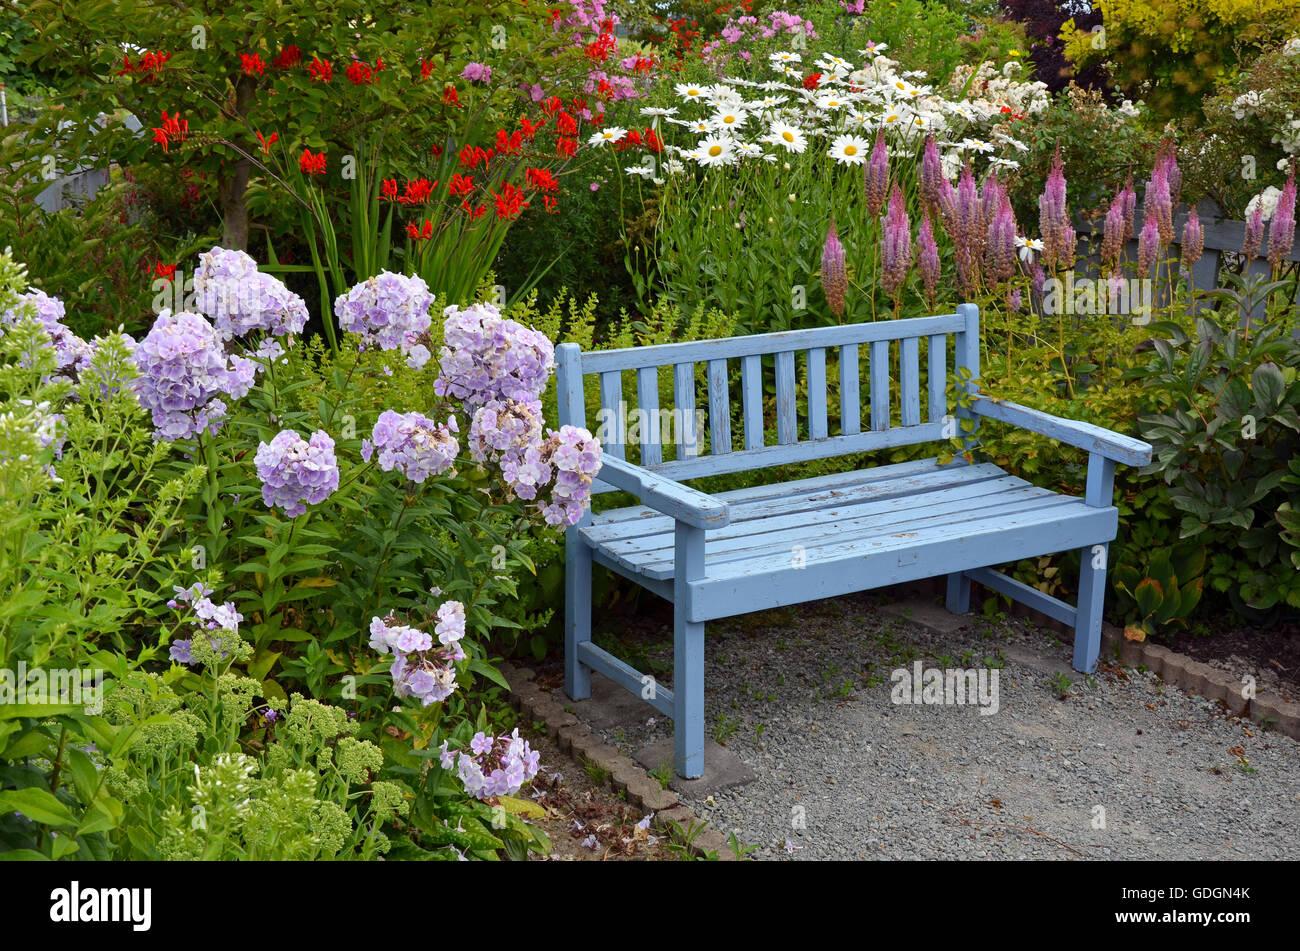 Grand-Père en Bois Banc Banc De Jardin Floral ofenbank choix de couleur vintage retro